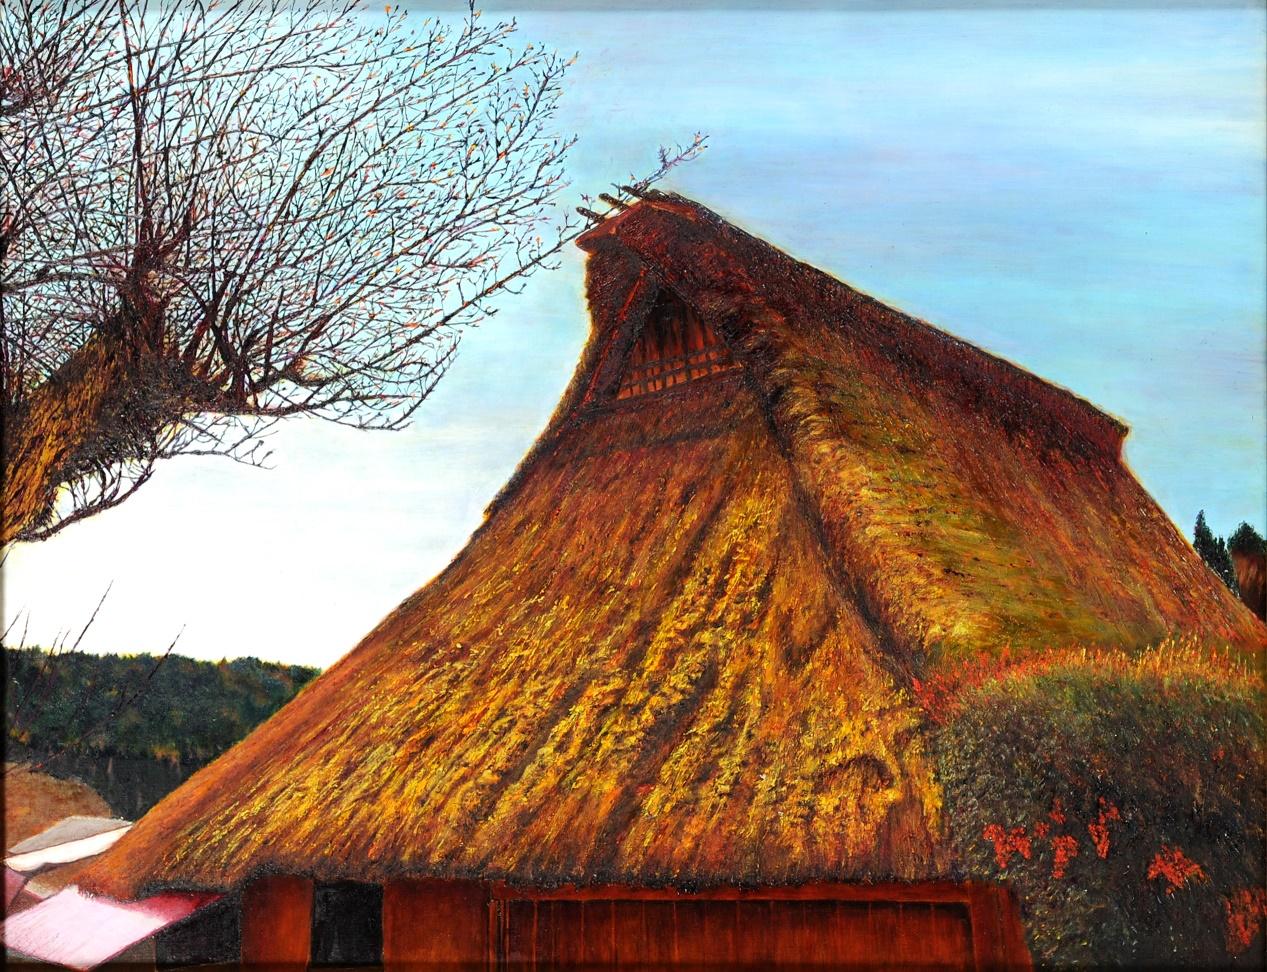 第69回滋賀県美術展覧会(平面の部)佳作「故郷」